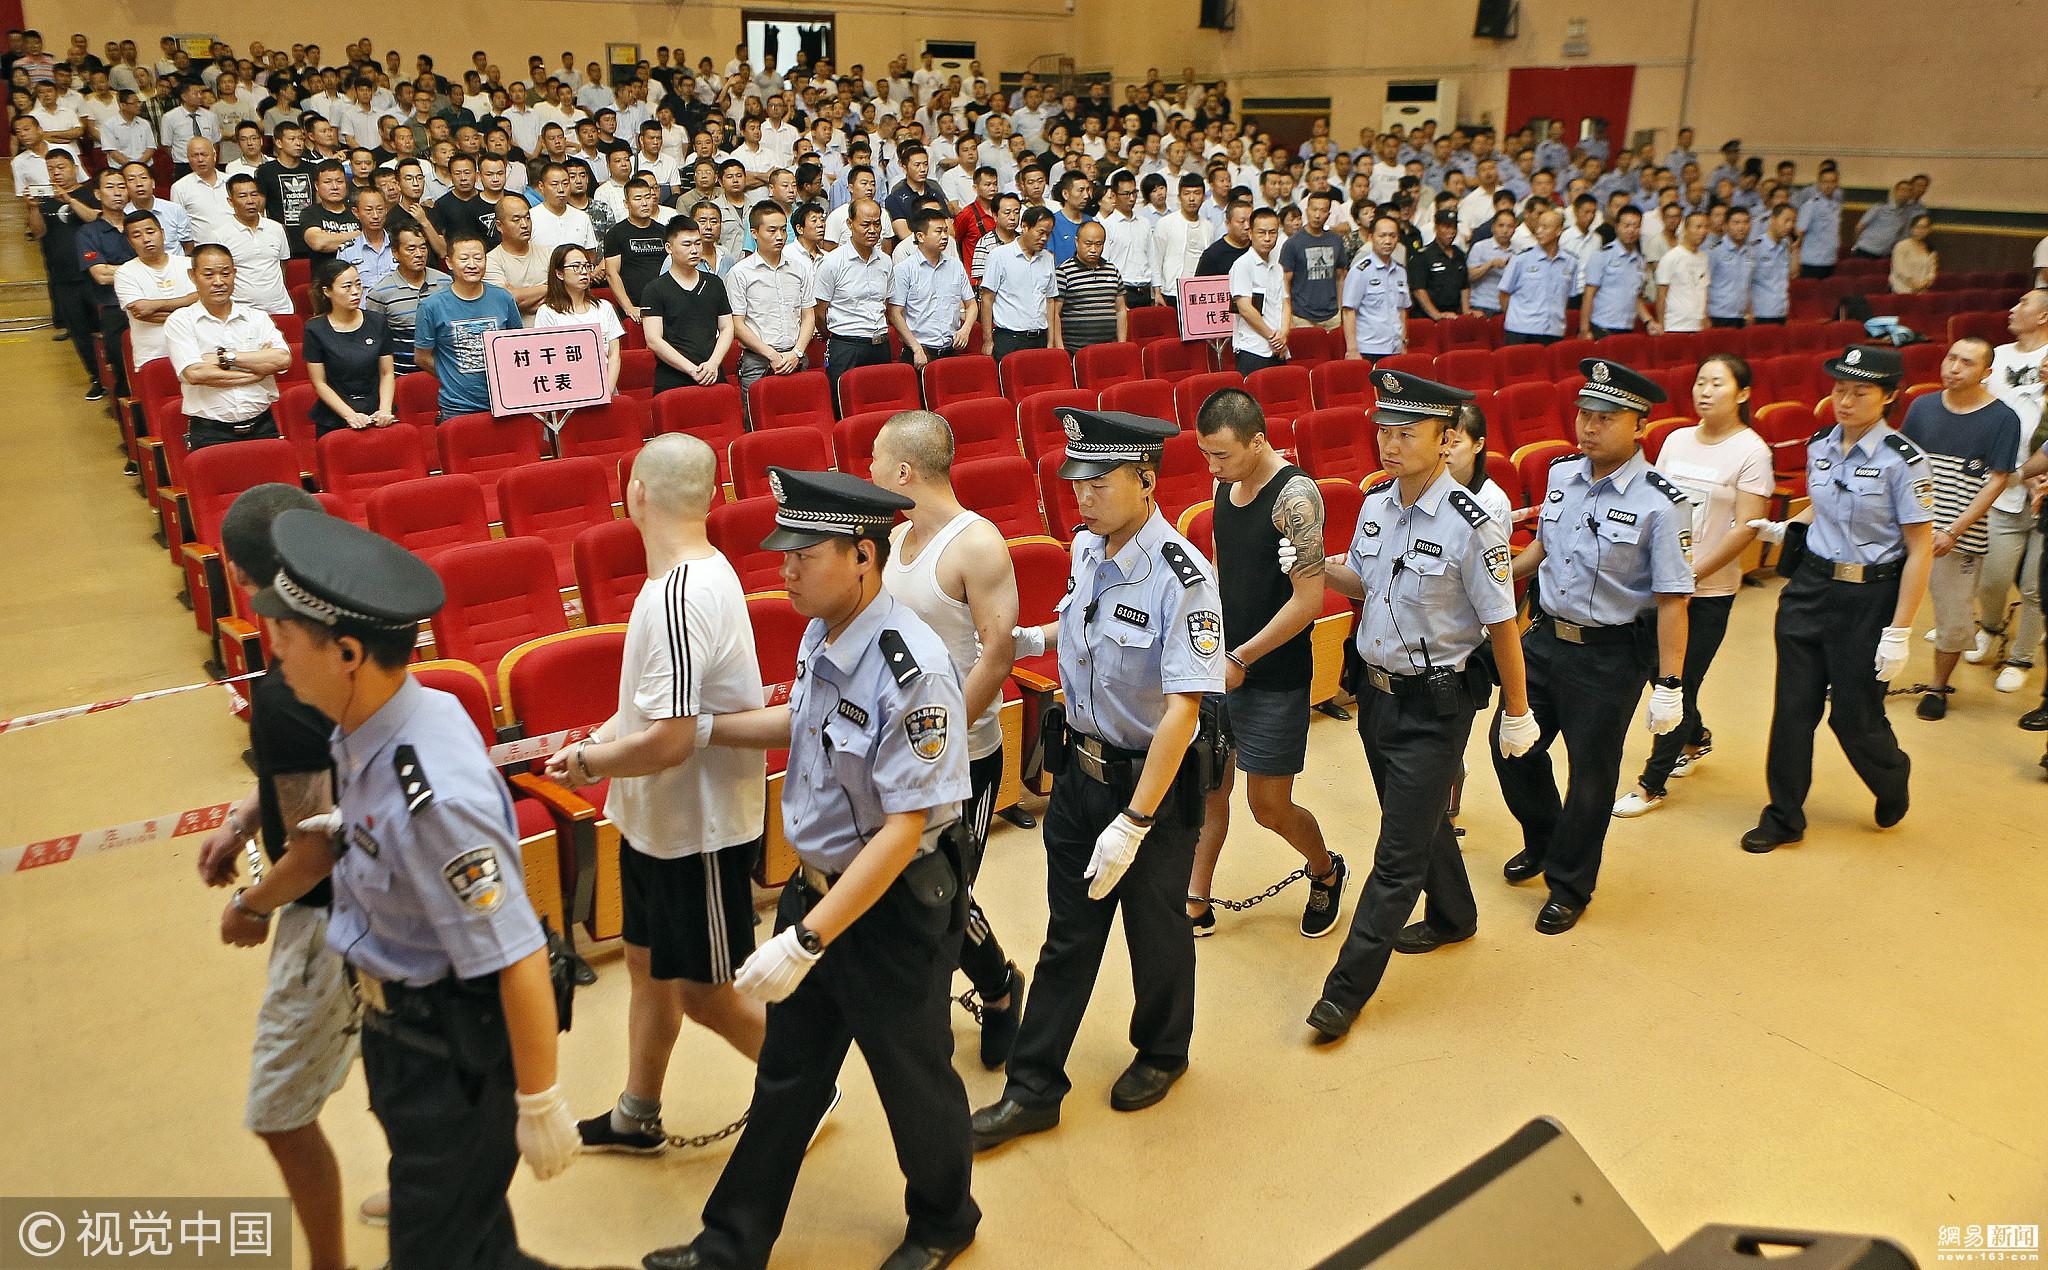 12人涉黑团伙案终审宣判 45岁头目获刑19年 ! - 周公乐 - xinhua8848 的博客